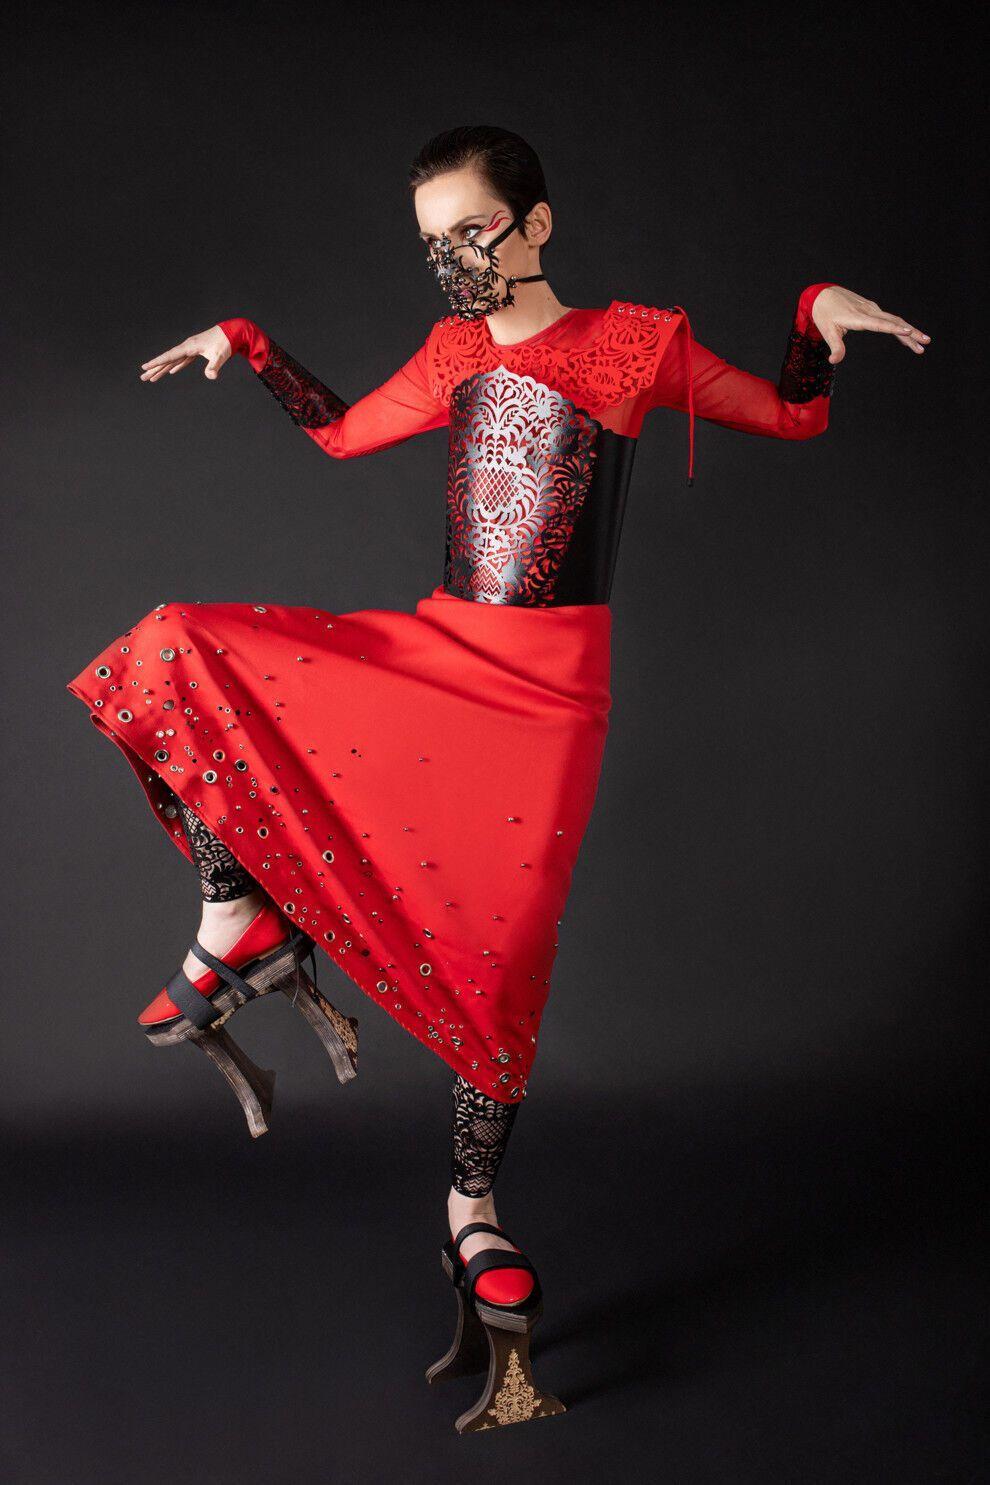 Павленко приміряла довгу червону сукню з прикрасами на спідниці, чорним ажурним корсетом і маску